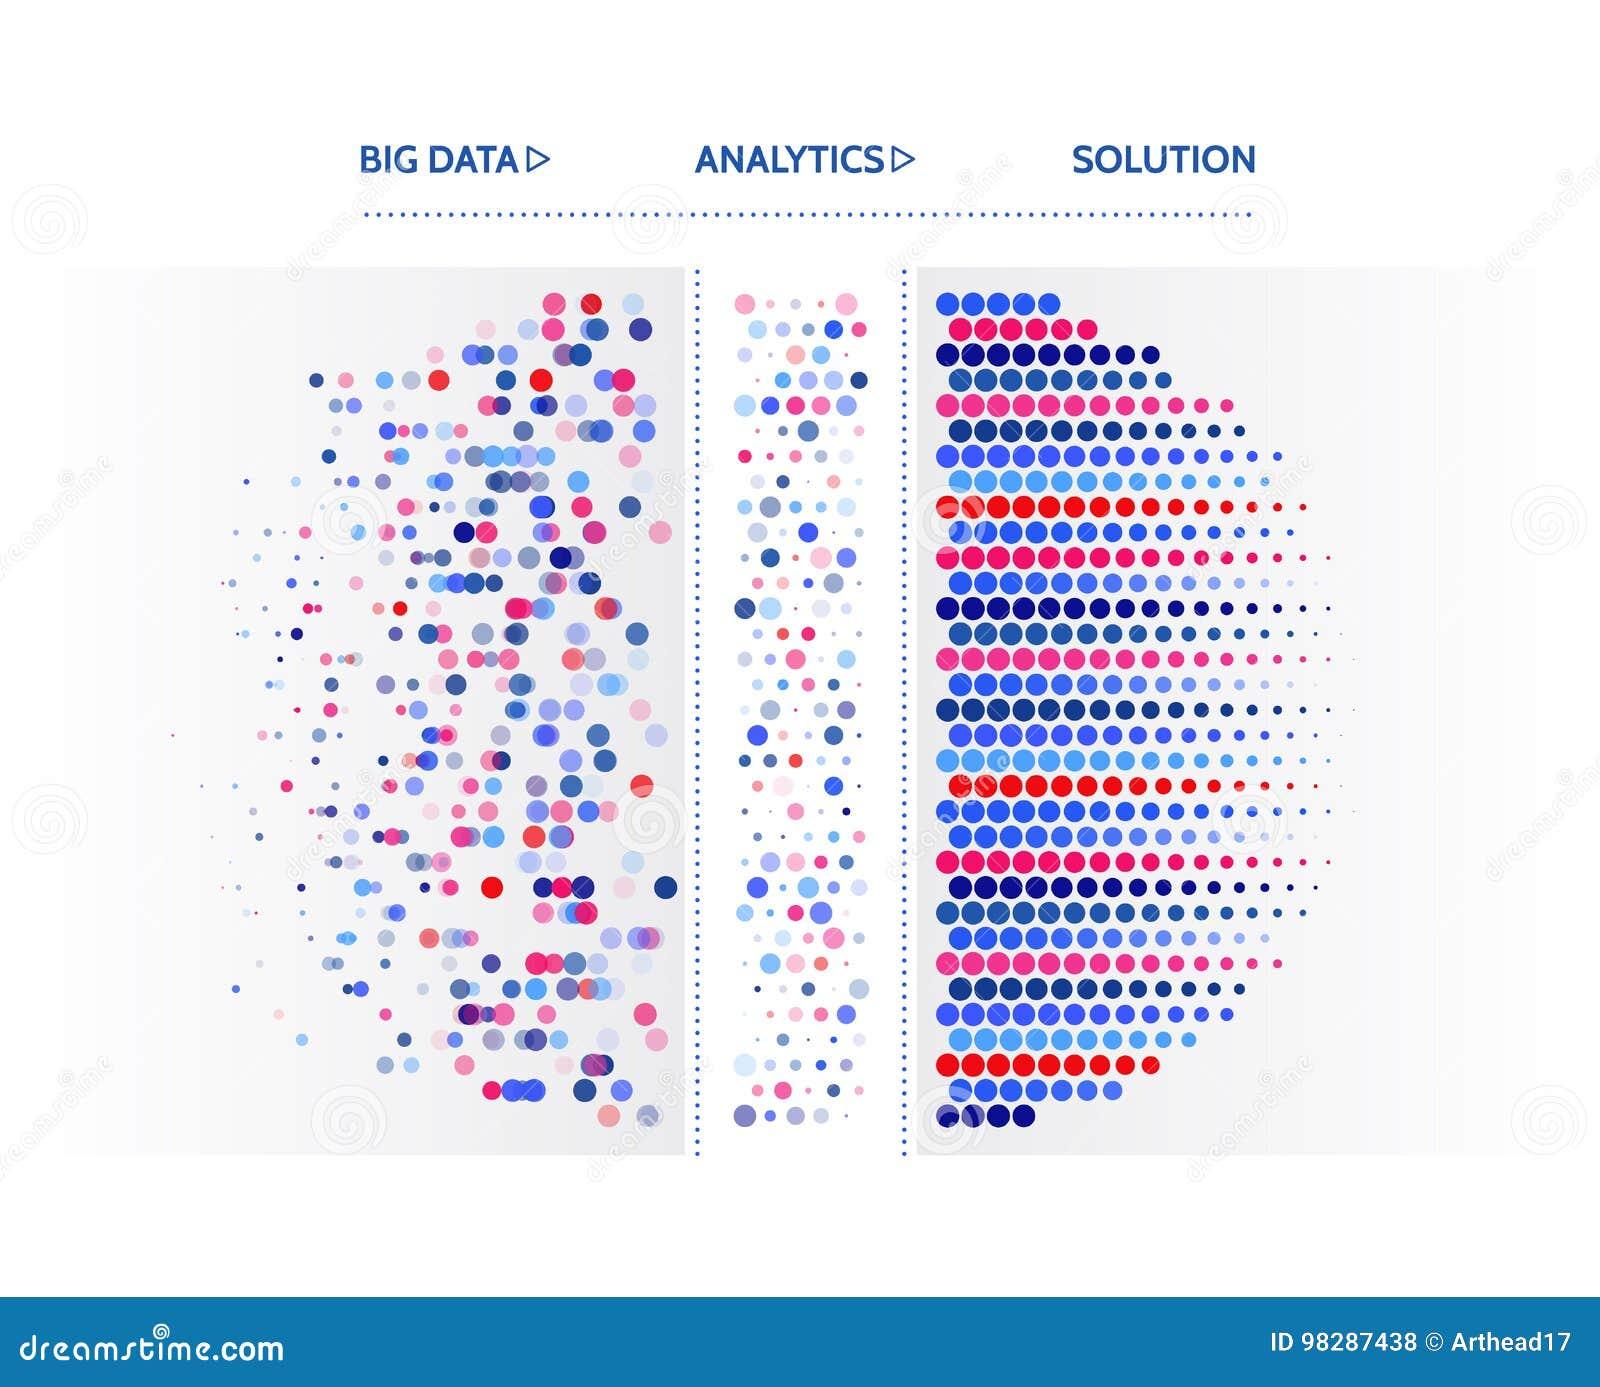 大数据形象化 信息逻辑分析方法概念 抽象小河信息 过滤的机器算法 排序二进制c